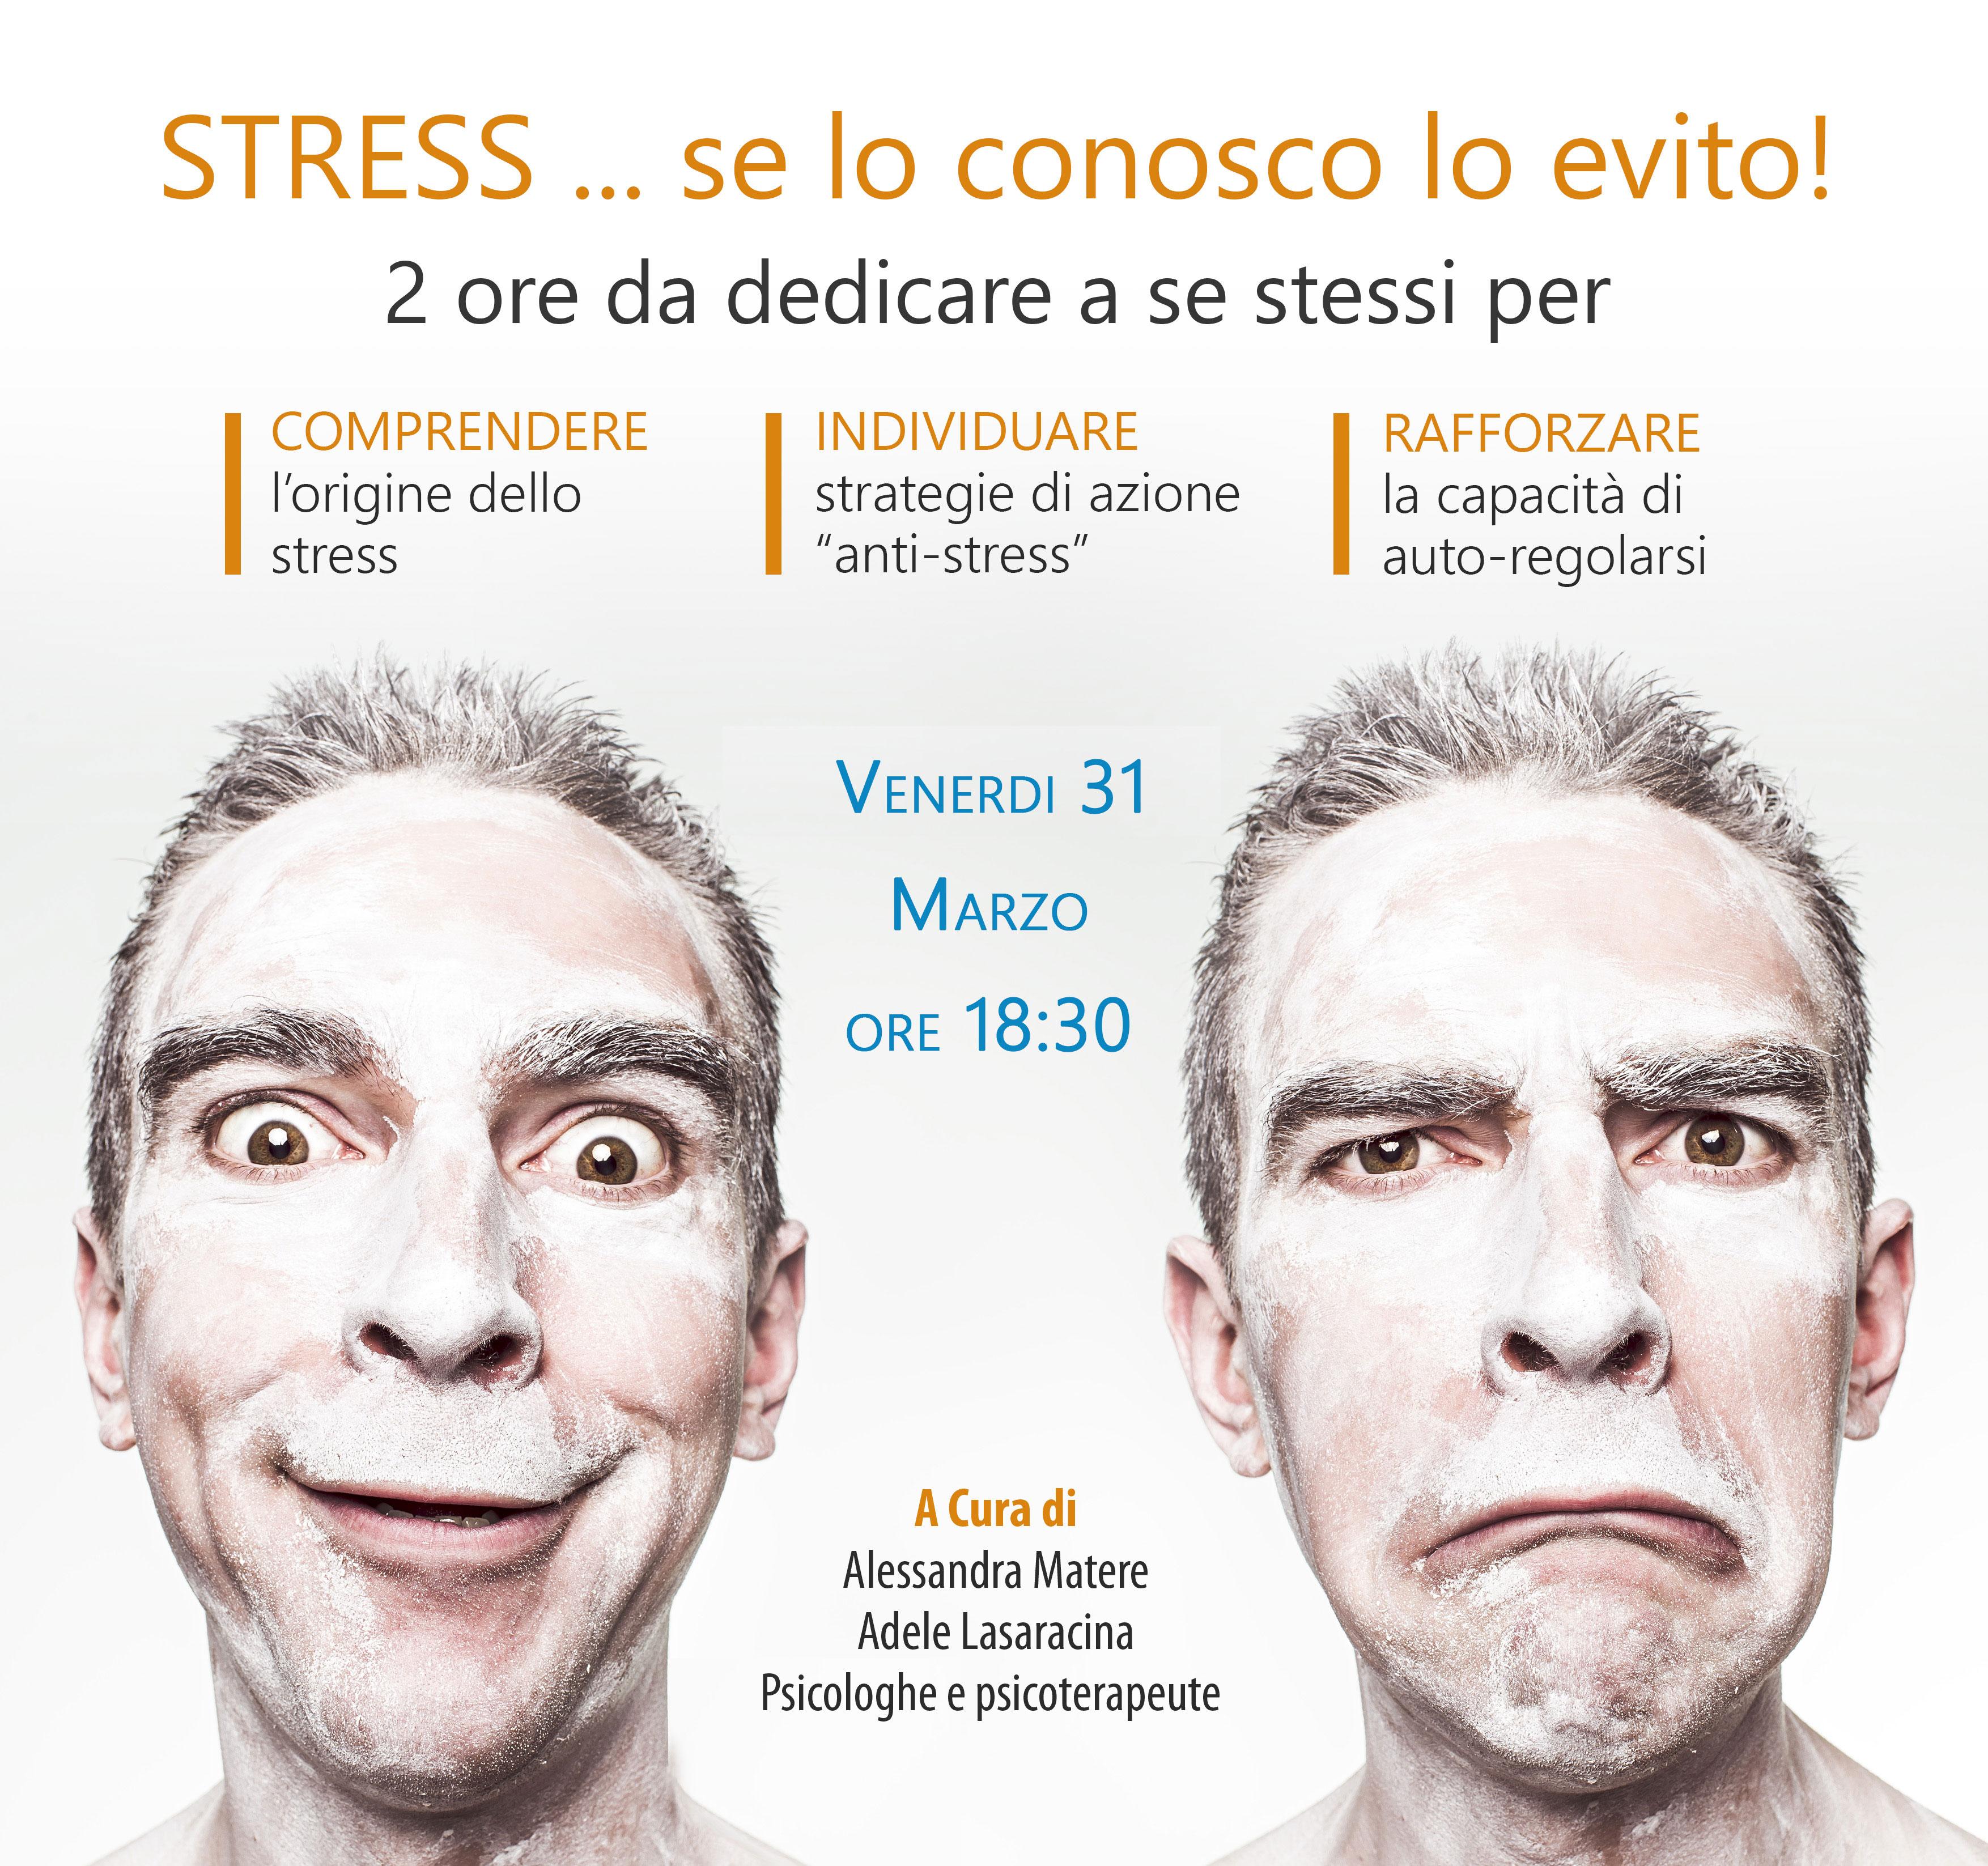 Stress seminario